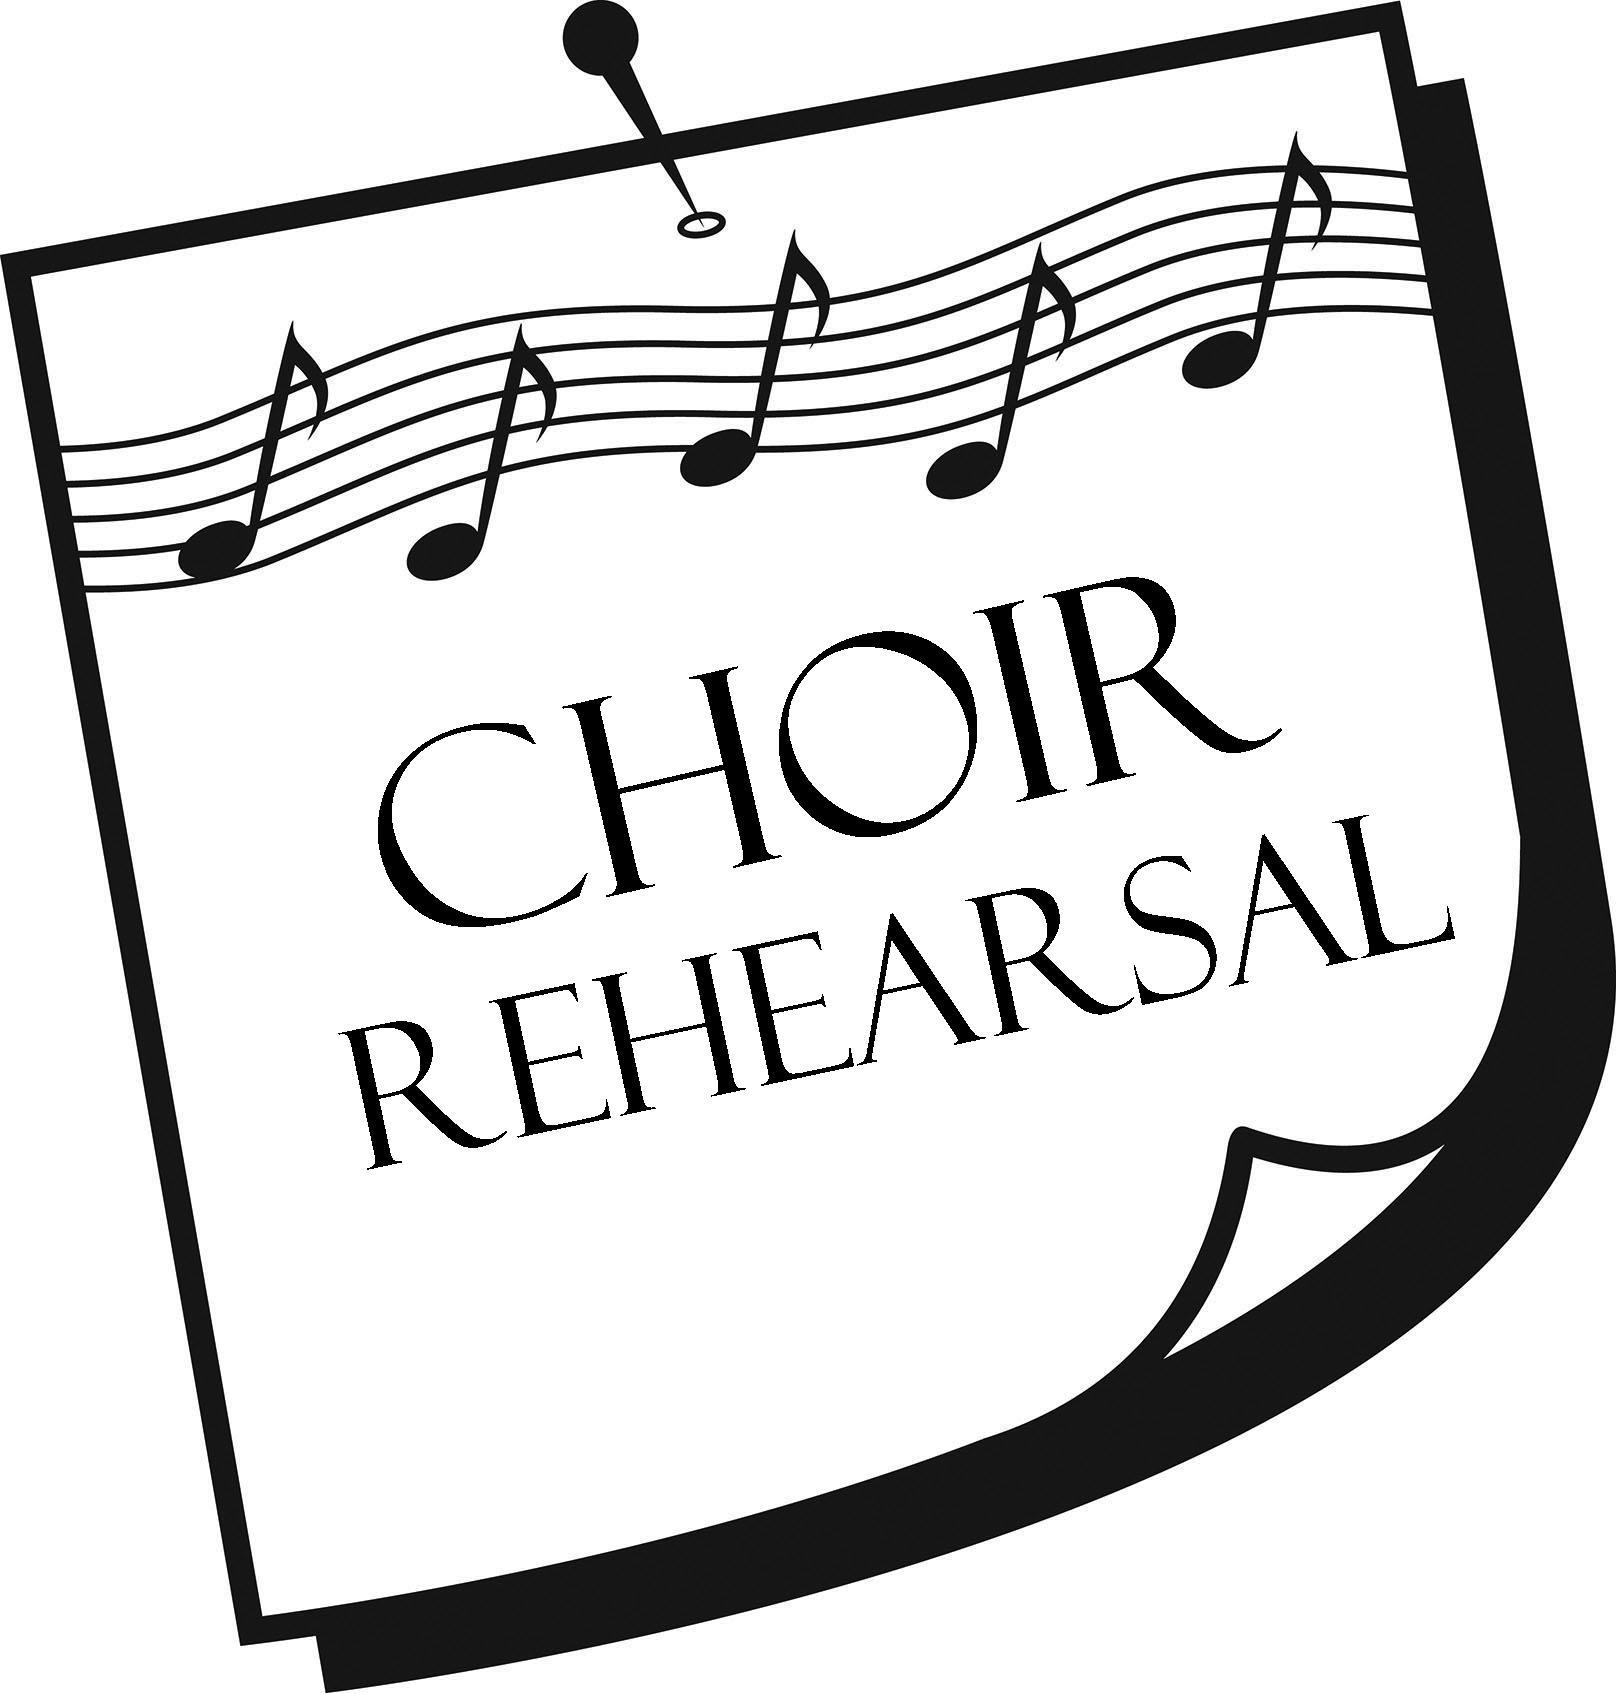 Choir Clipart Choir Rehearsal Choir Choir Rehearsal